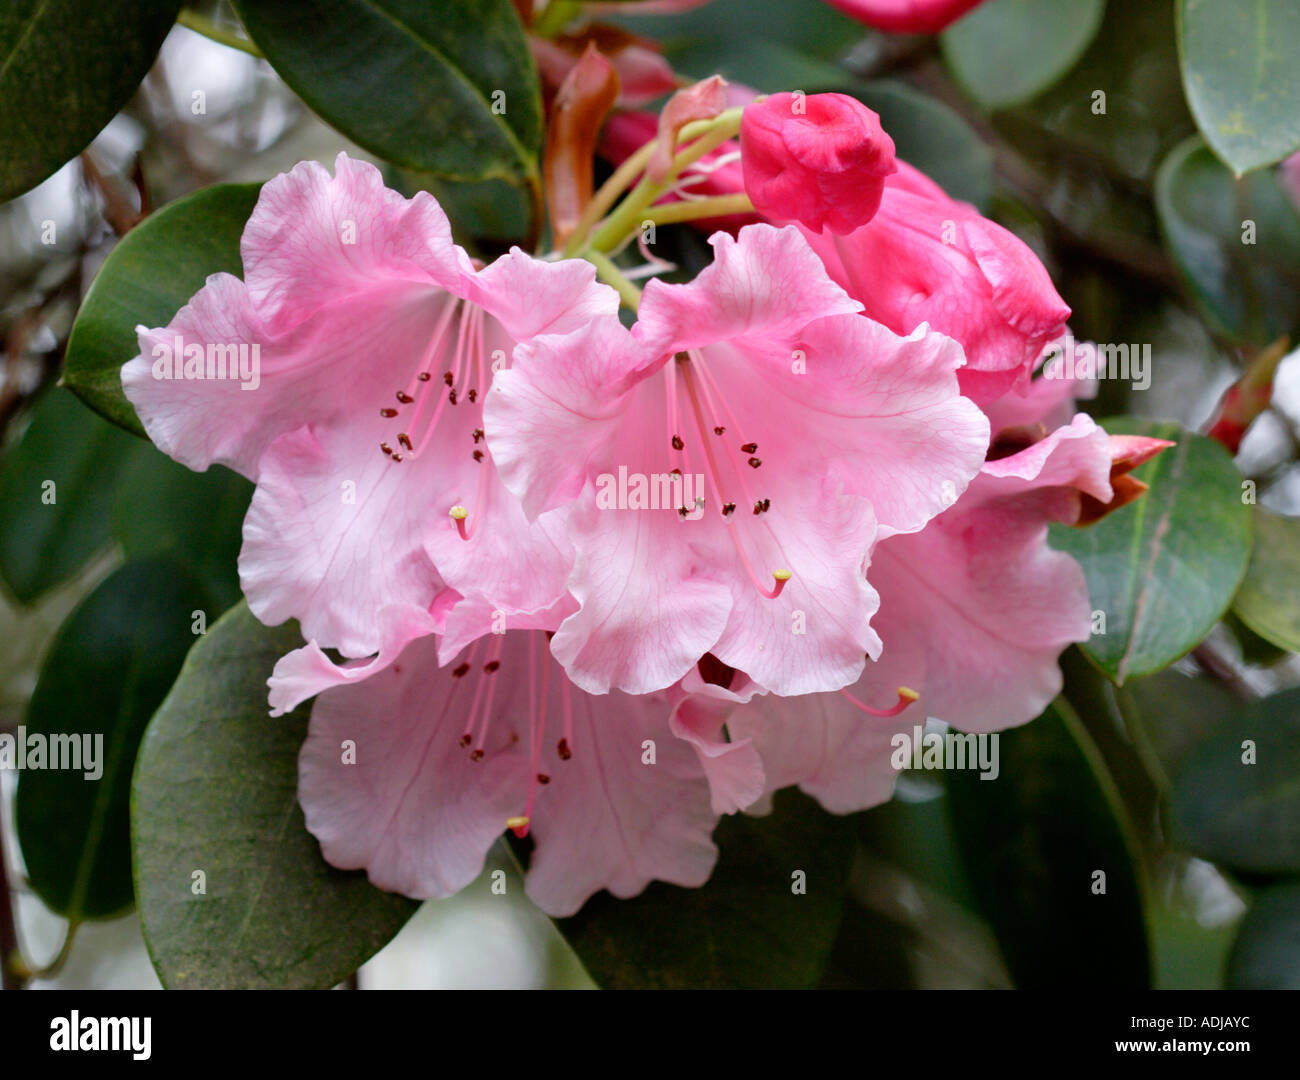 Brocade Imágenes De Stock & Brocade Fotos De Stock - Alamy